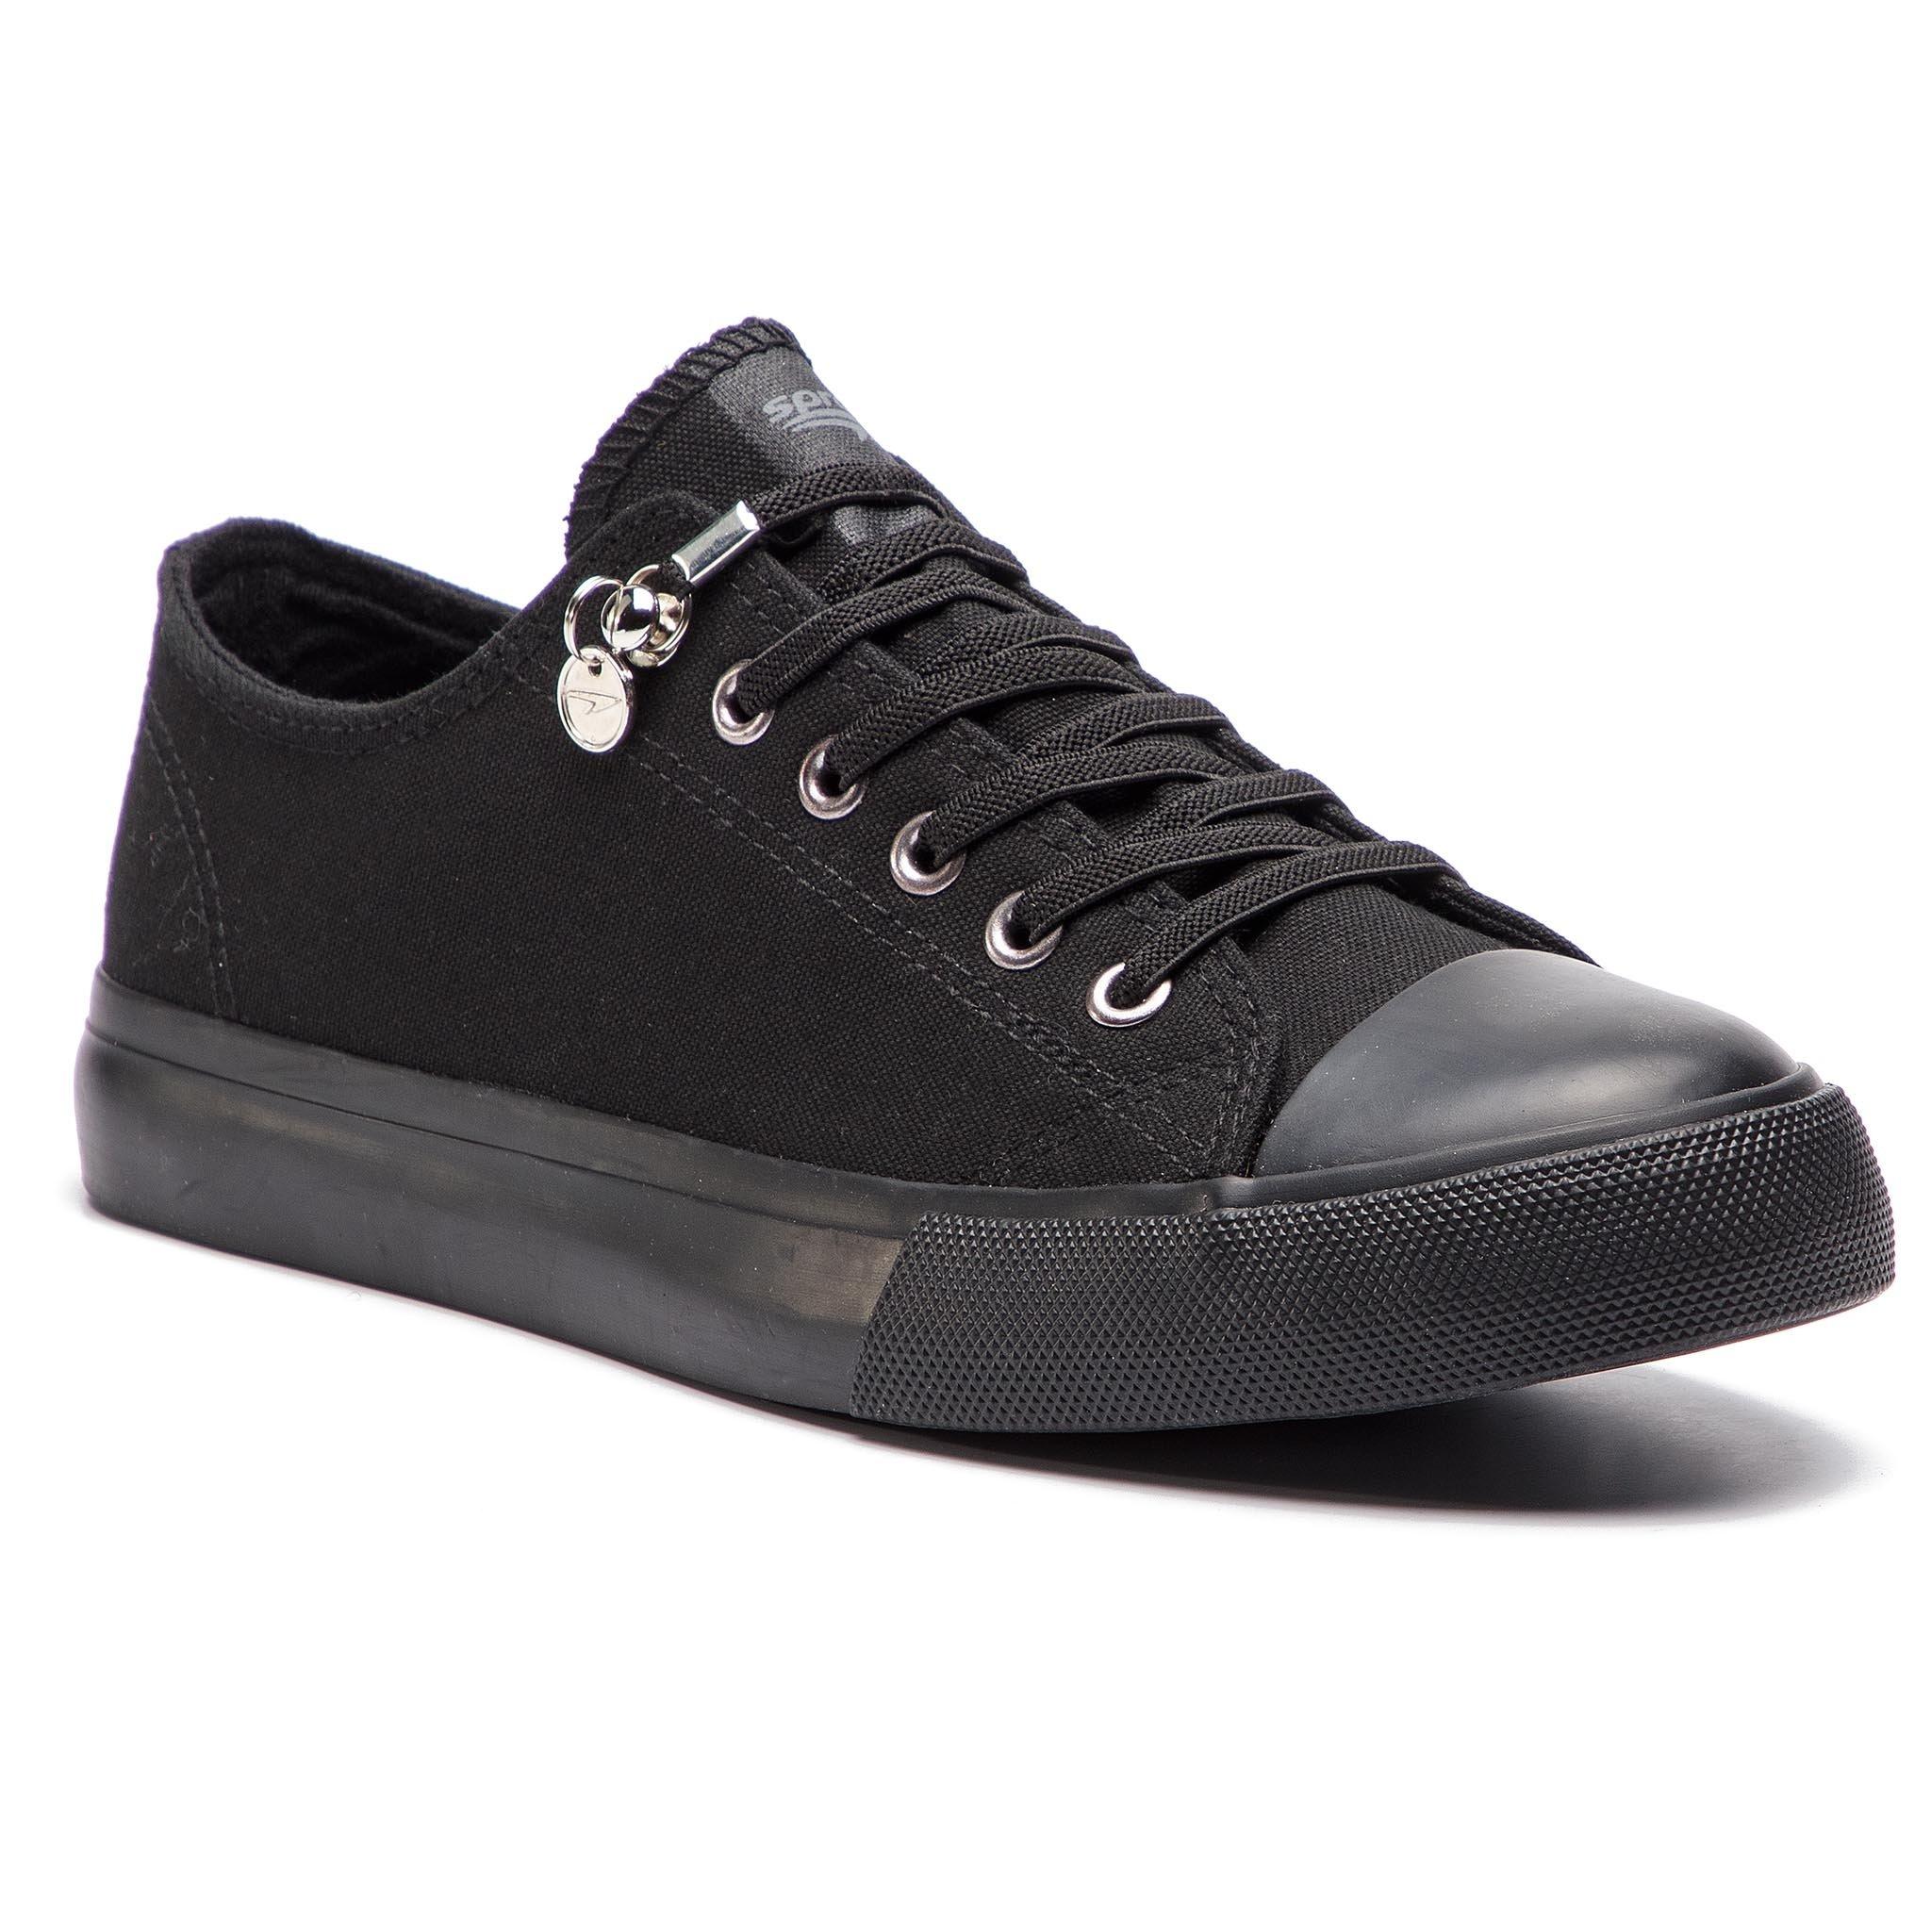 c853be713d5b Rekreační obuv Sprandi WP40-8903Z černá Dámské - Boty - Plátěnky -  https   ccc.eu